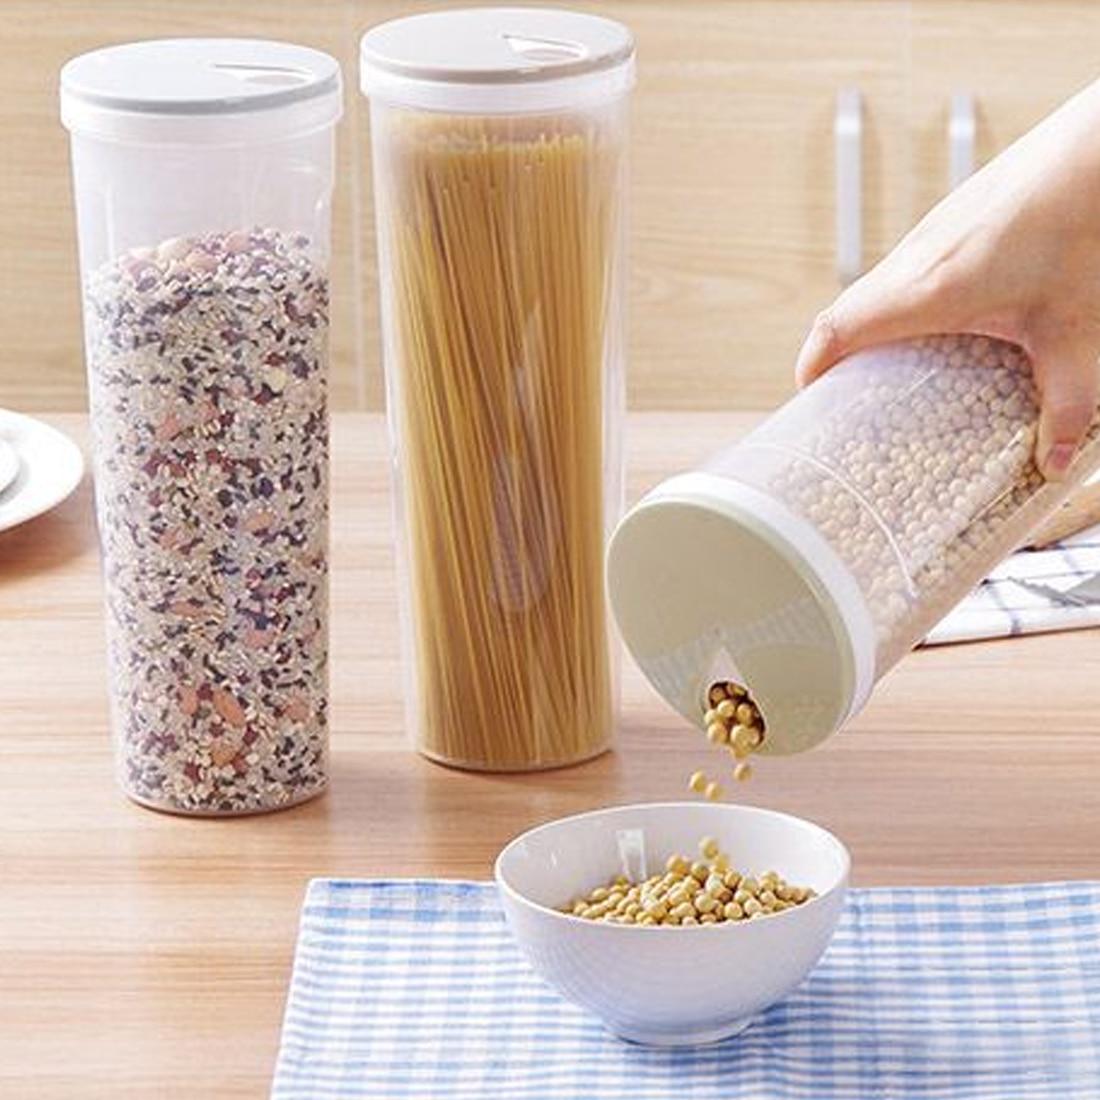 Accessaries de la cocina Utensilios Control Orificio Fideos Habas Titular de almacenamiento Cereales Grano Recipiente para alimentos